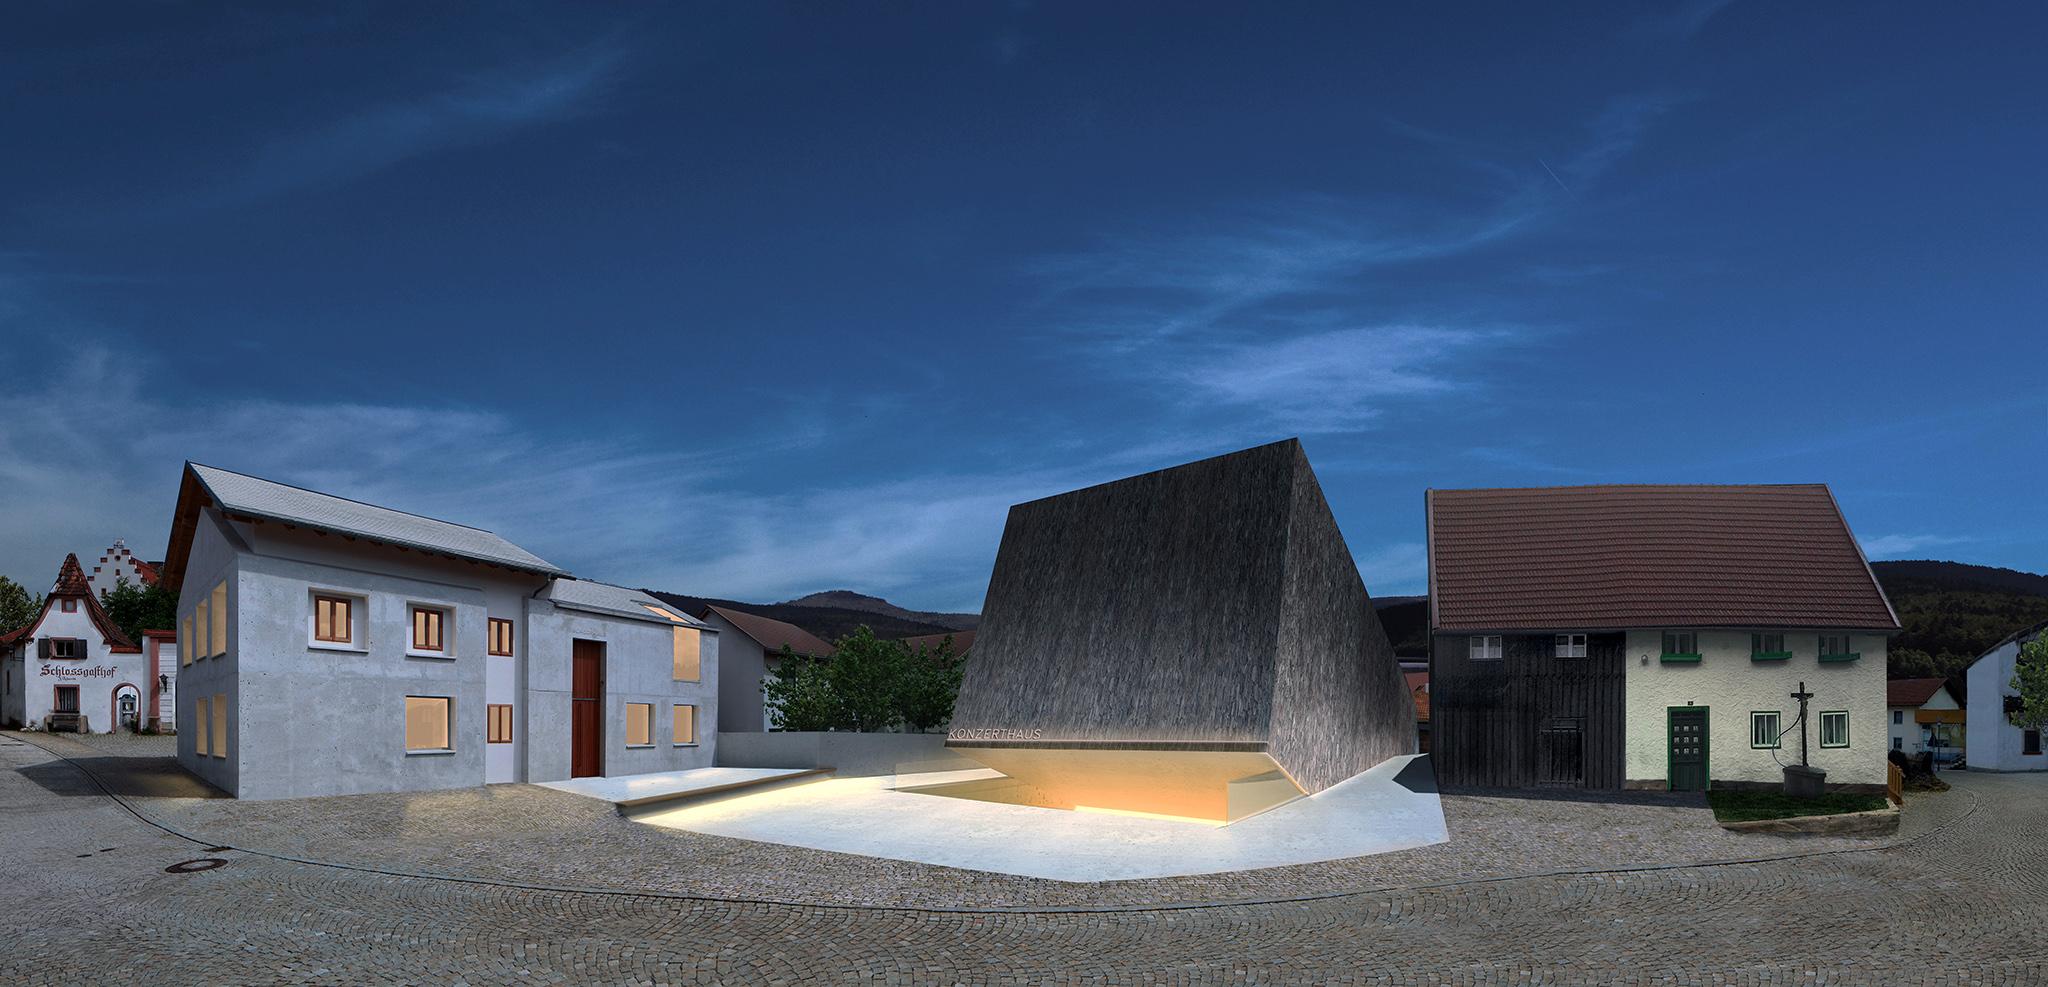 Ein konzertsaal f r blaibach muenchenarchitektur for Minimalismus im haus buch